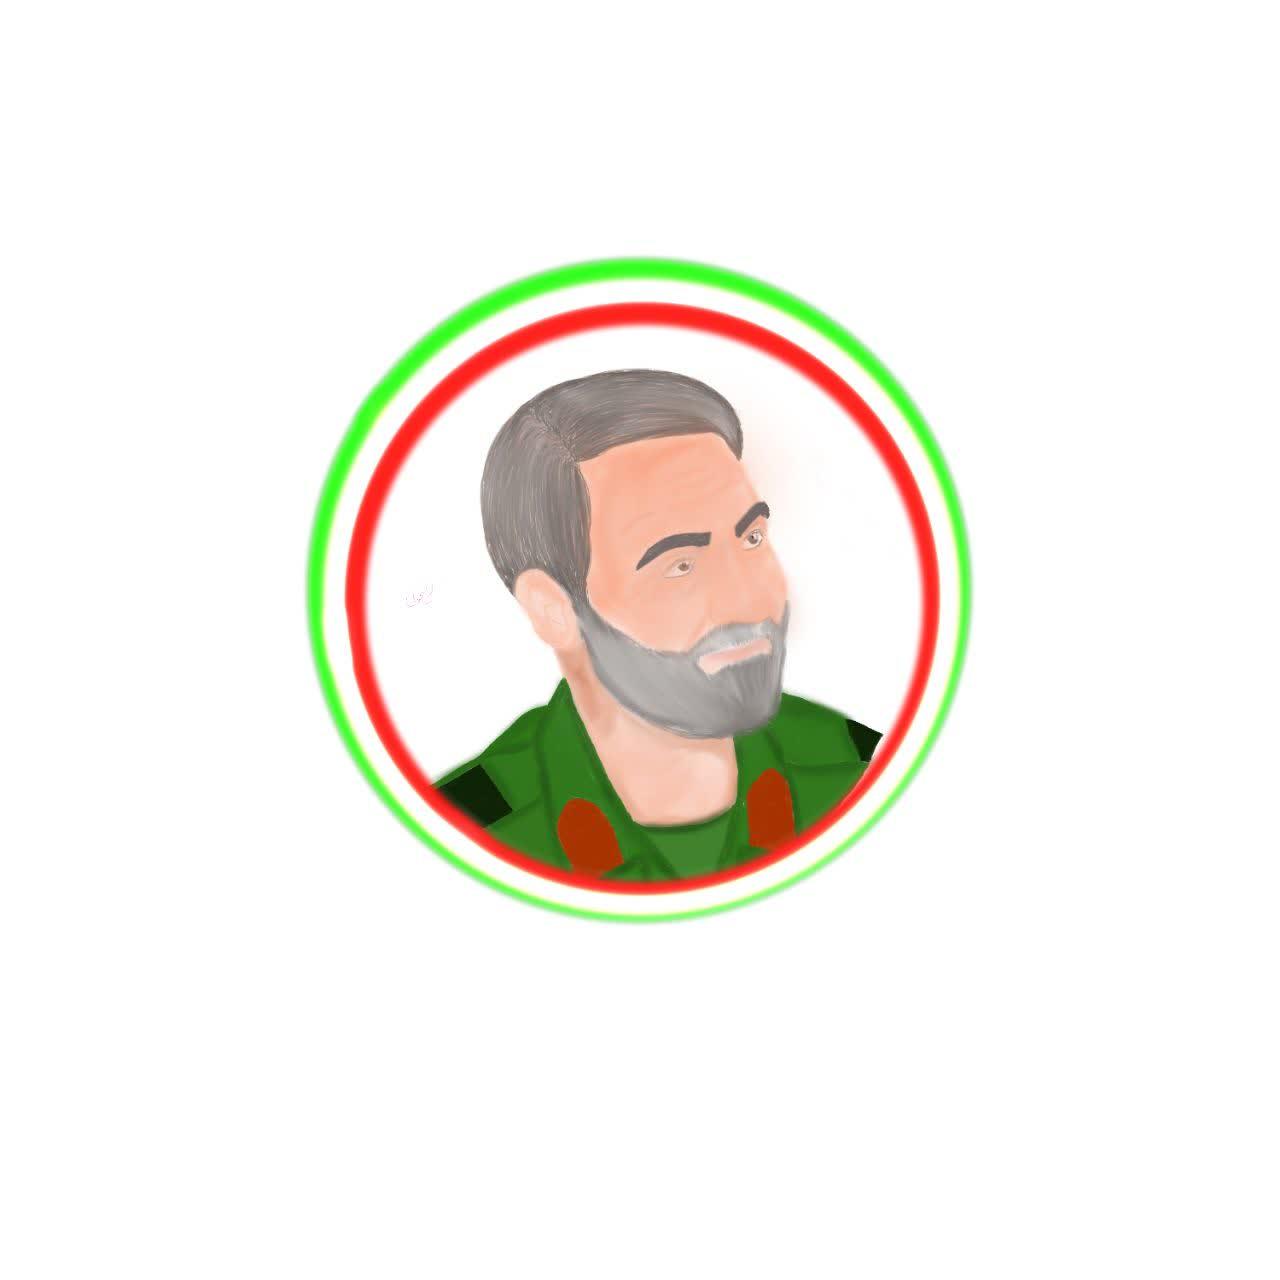 شهید حاج قاسم سلیمانی - طراح فاطمه اسدی